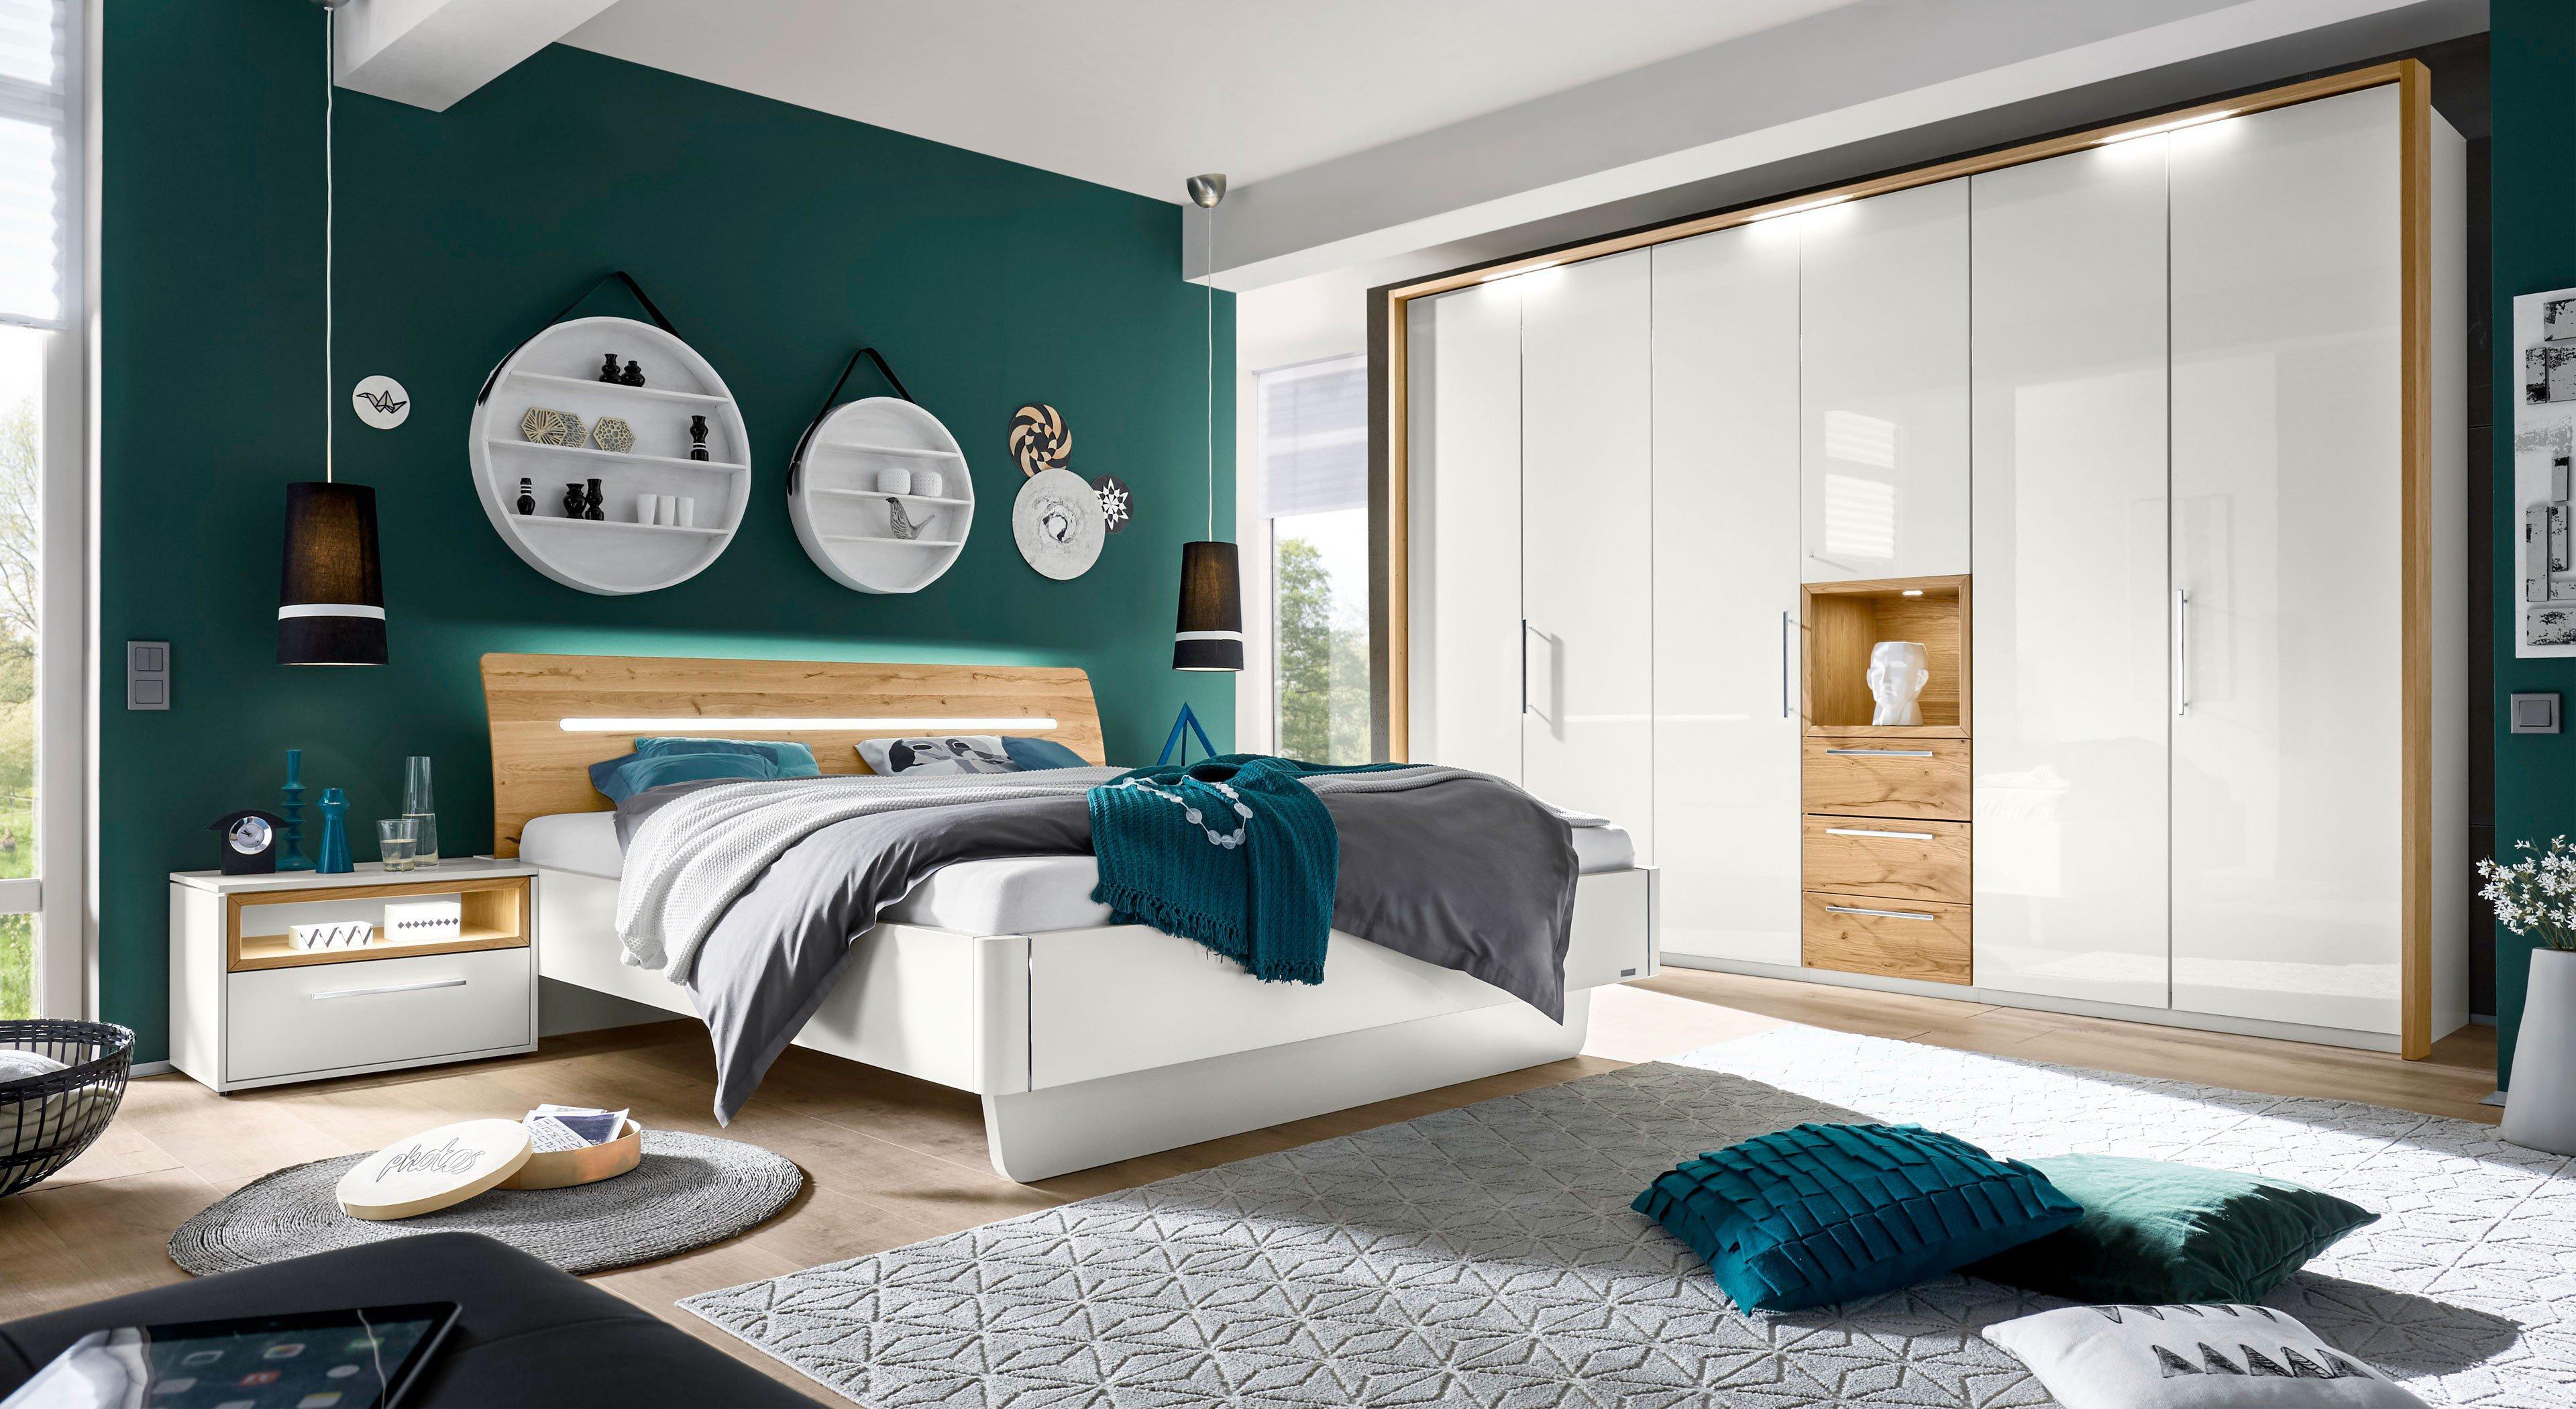 loddenkemper schlafzimmer meo hochglanz eiche m bel letz ihr online shop. Black Bedroom Furniture Sets. Home Design Ideas